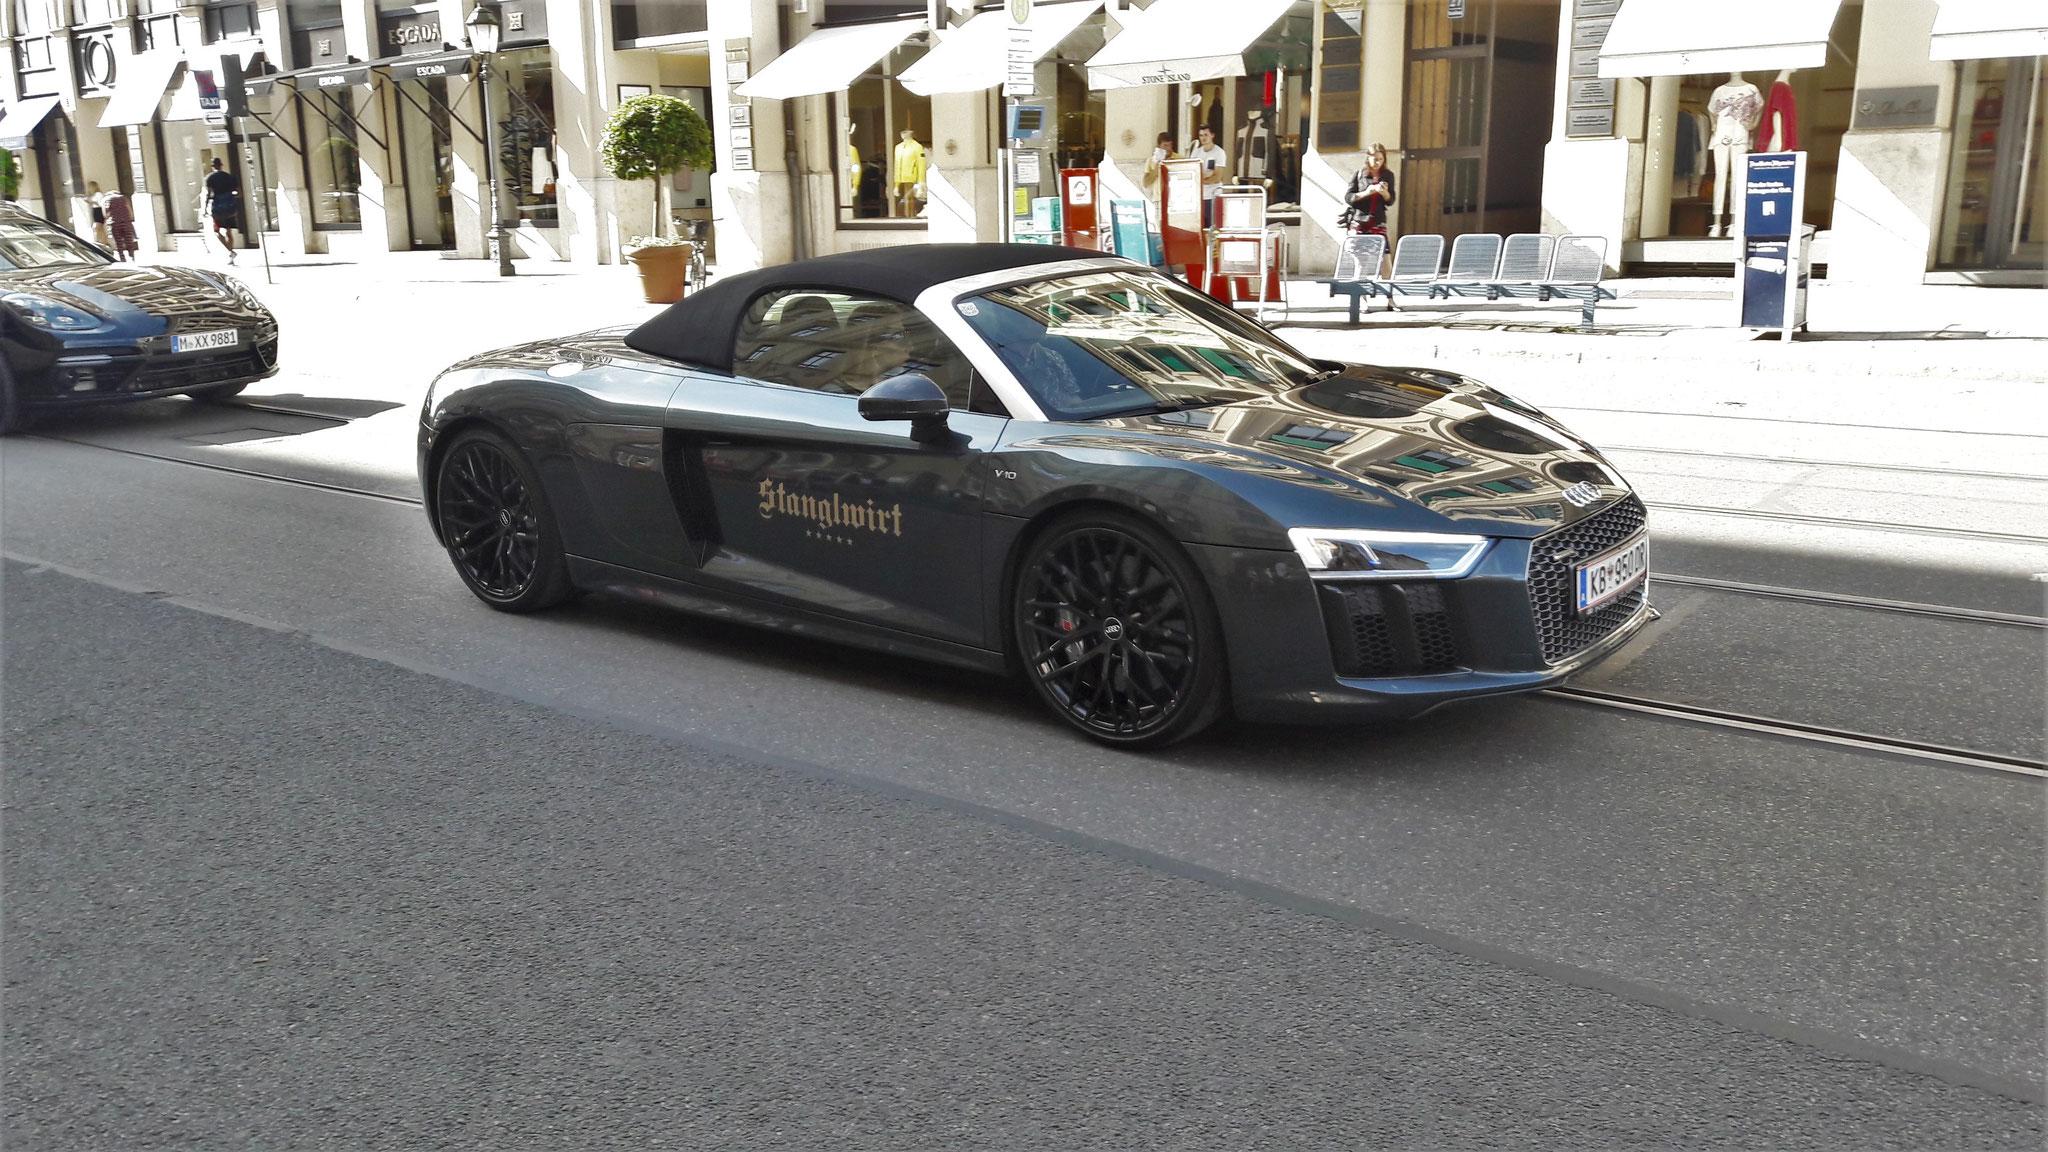 Audi R8 V10 Spyder - KB-950-DR (AUT)